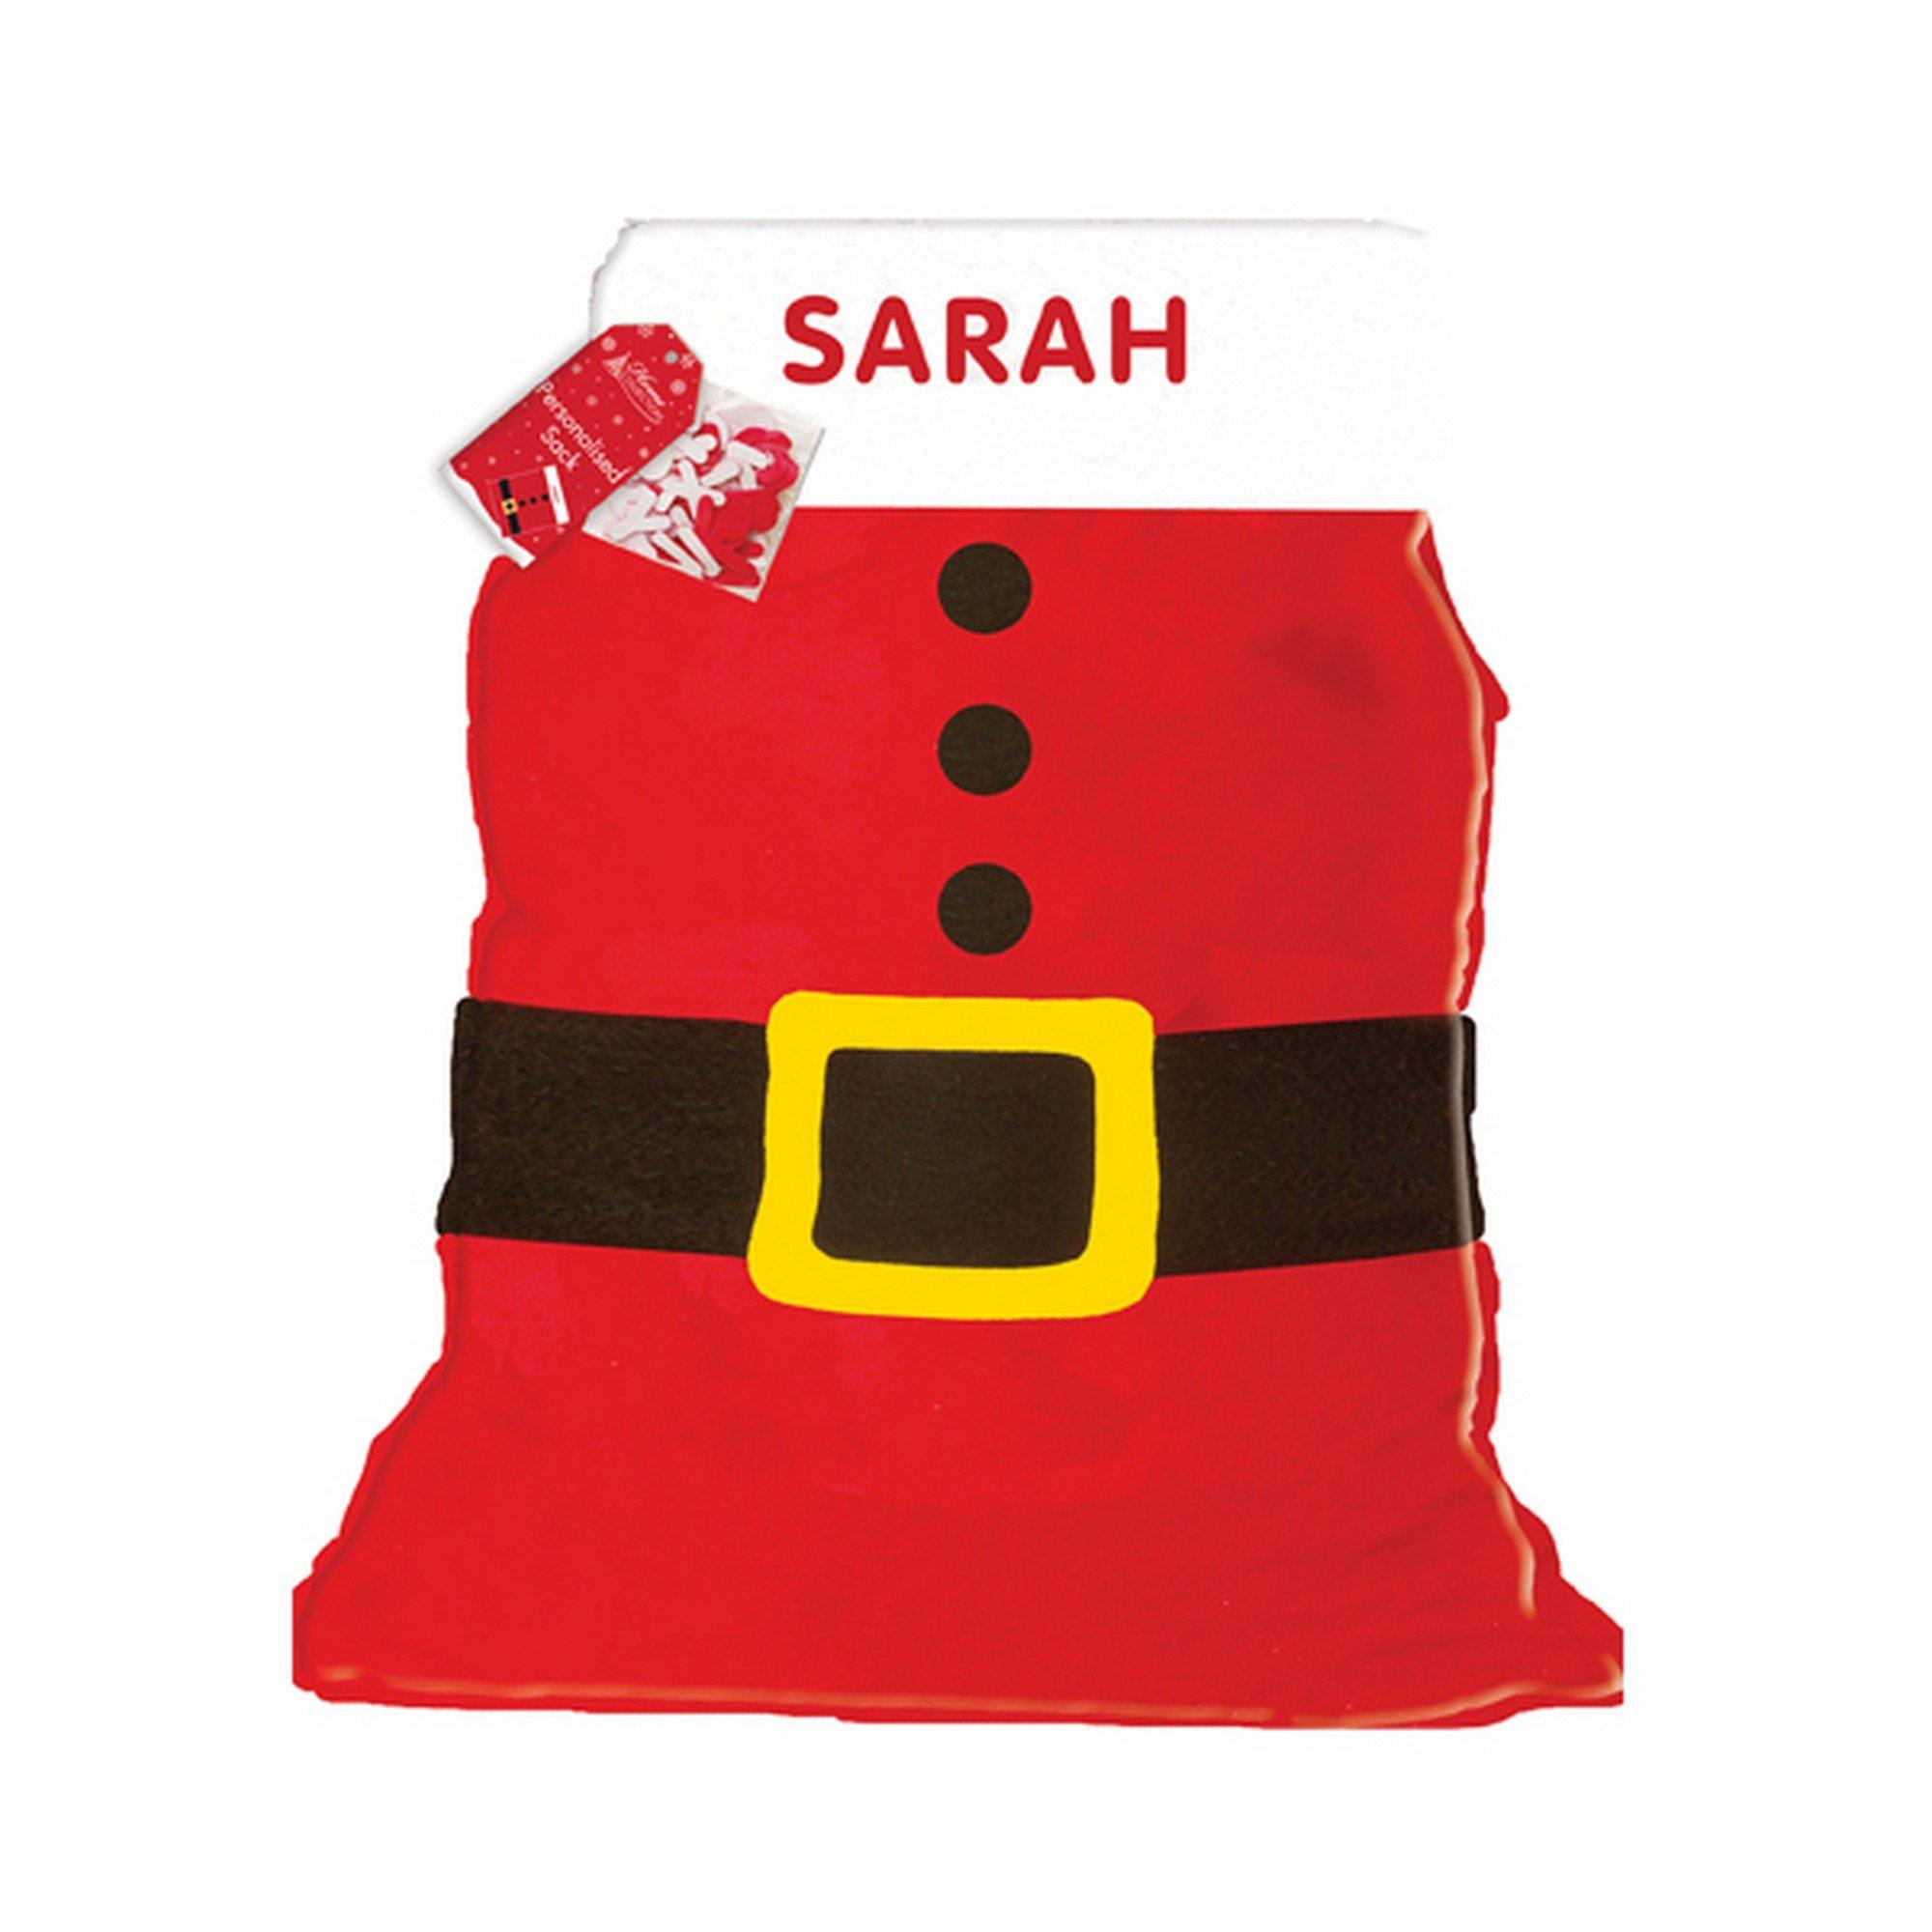 Foto Di Babbo Natale Per Bambini.Sacco Di Babbo Natale Personalizzabile Per Bambini E Bambine Casame